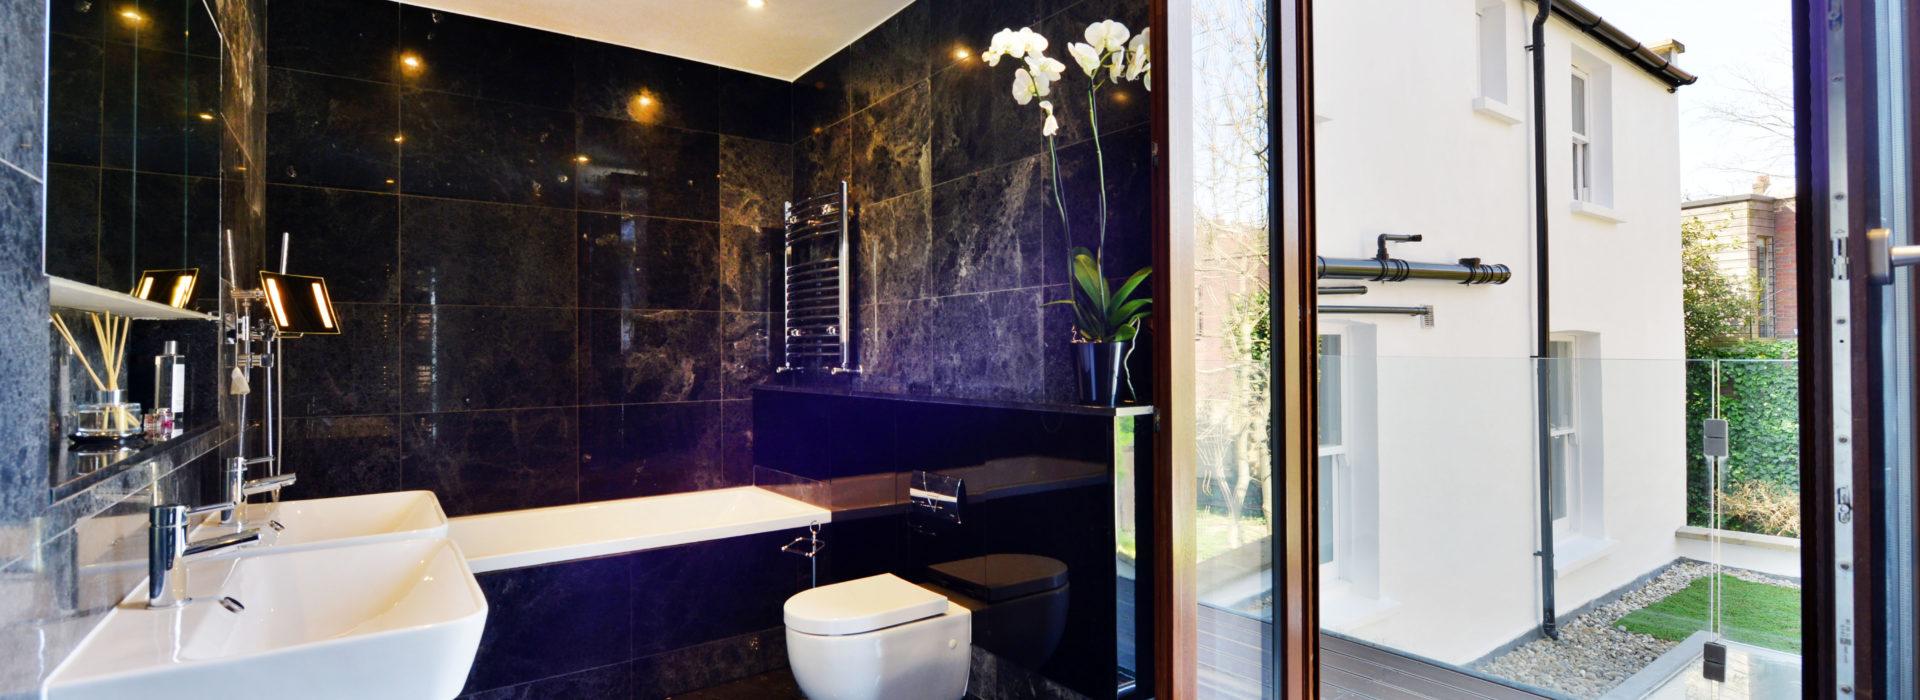 bathroom sink bathtub